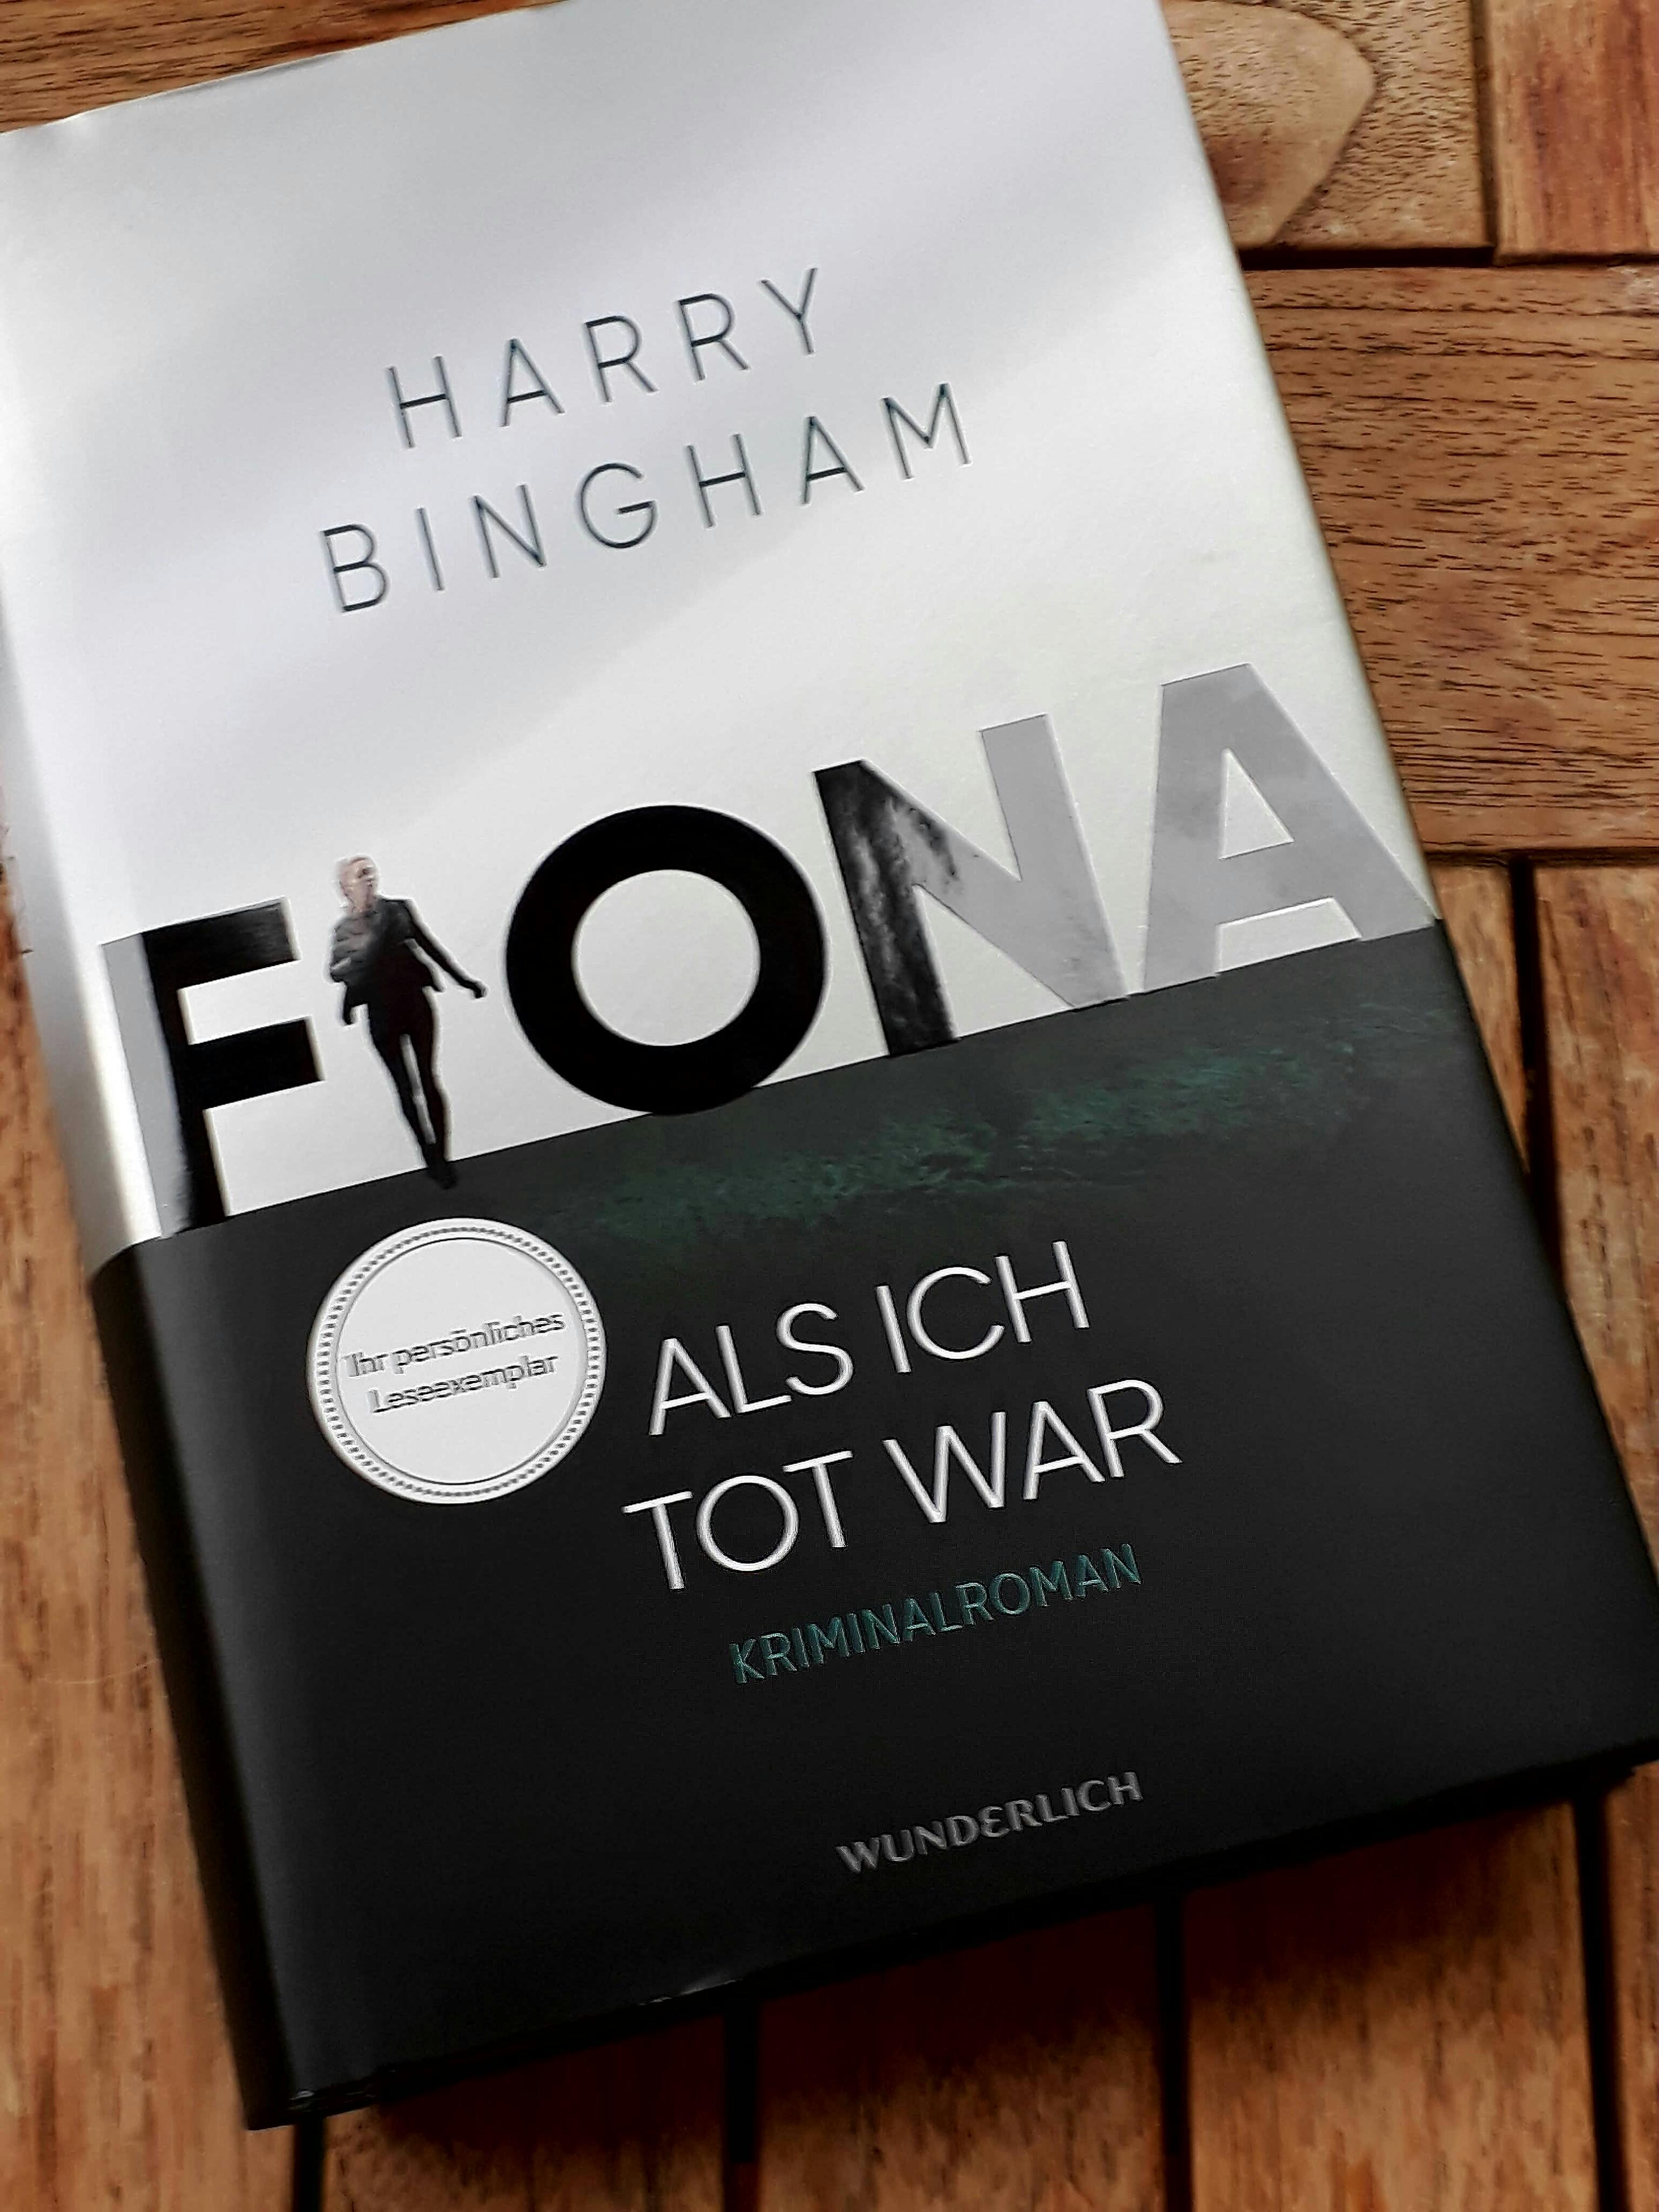 Titelbild der deutschen Ausgabe des besprochenen Romans von Harry Bingham (Übersetzung von Andrea O'Brien)